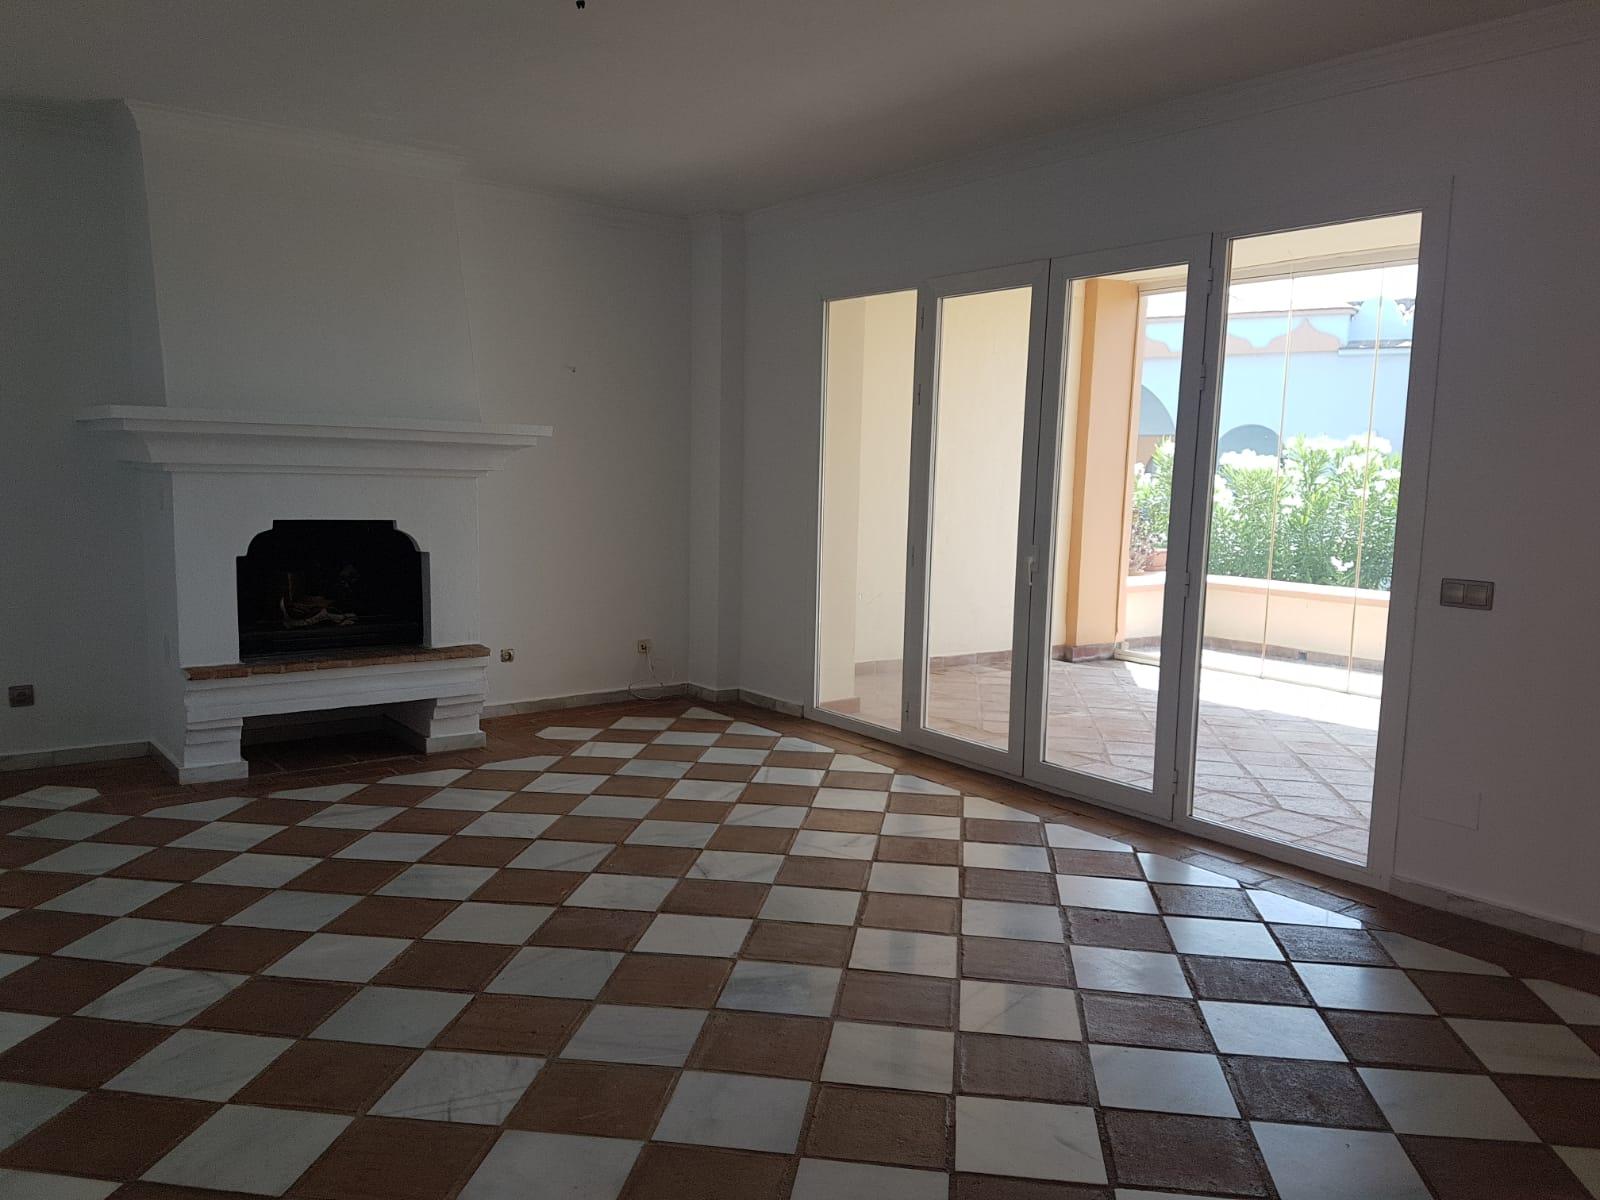 Piso en venta en Casares, Málaga, Carretera Nacional N-340, 318.000 €, 2 habitaciones, 2 baños, 114 m2